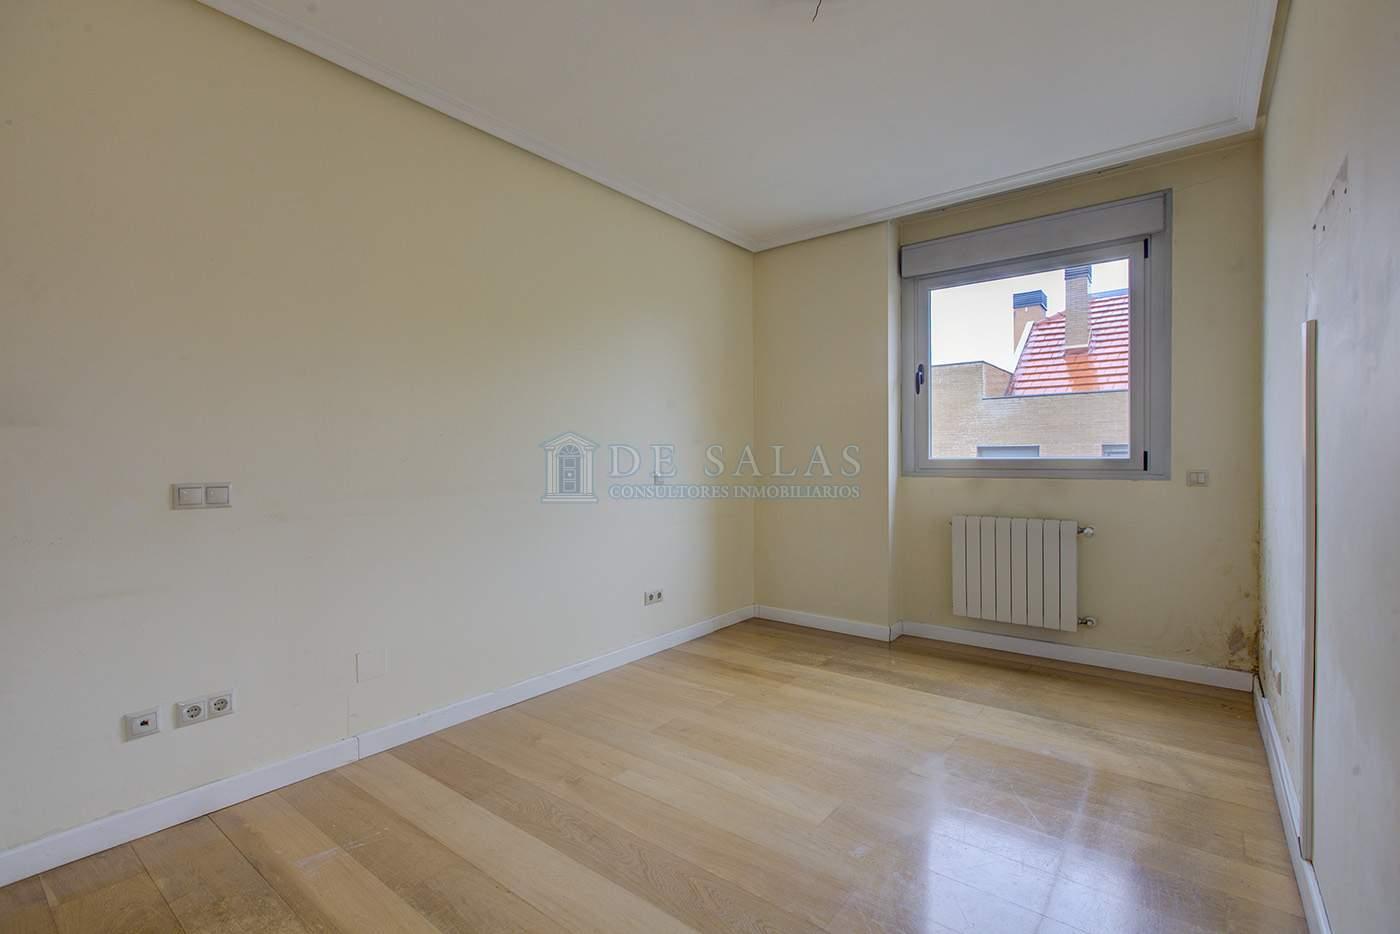 Dormitorio-IMG_7132_3_4 copia